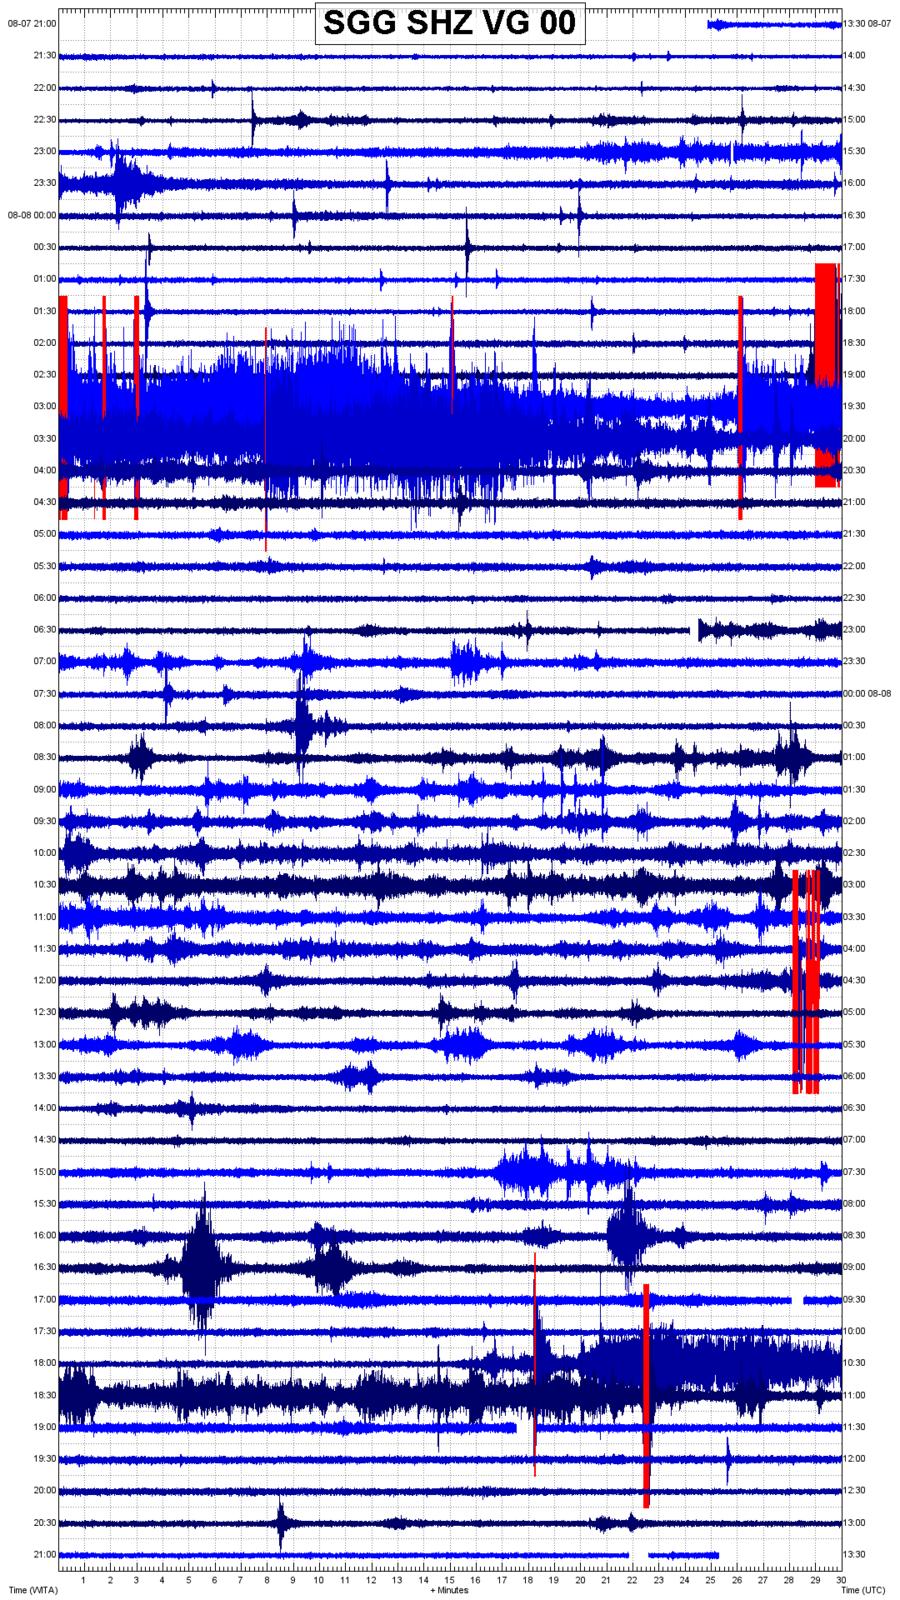 Sinabung - tableau de sismicité au 08.08.2020 et sismogramme du jour - Magma Indonesia